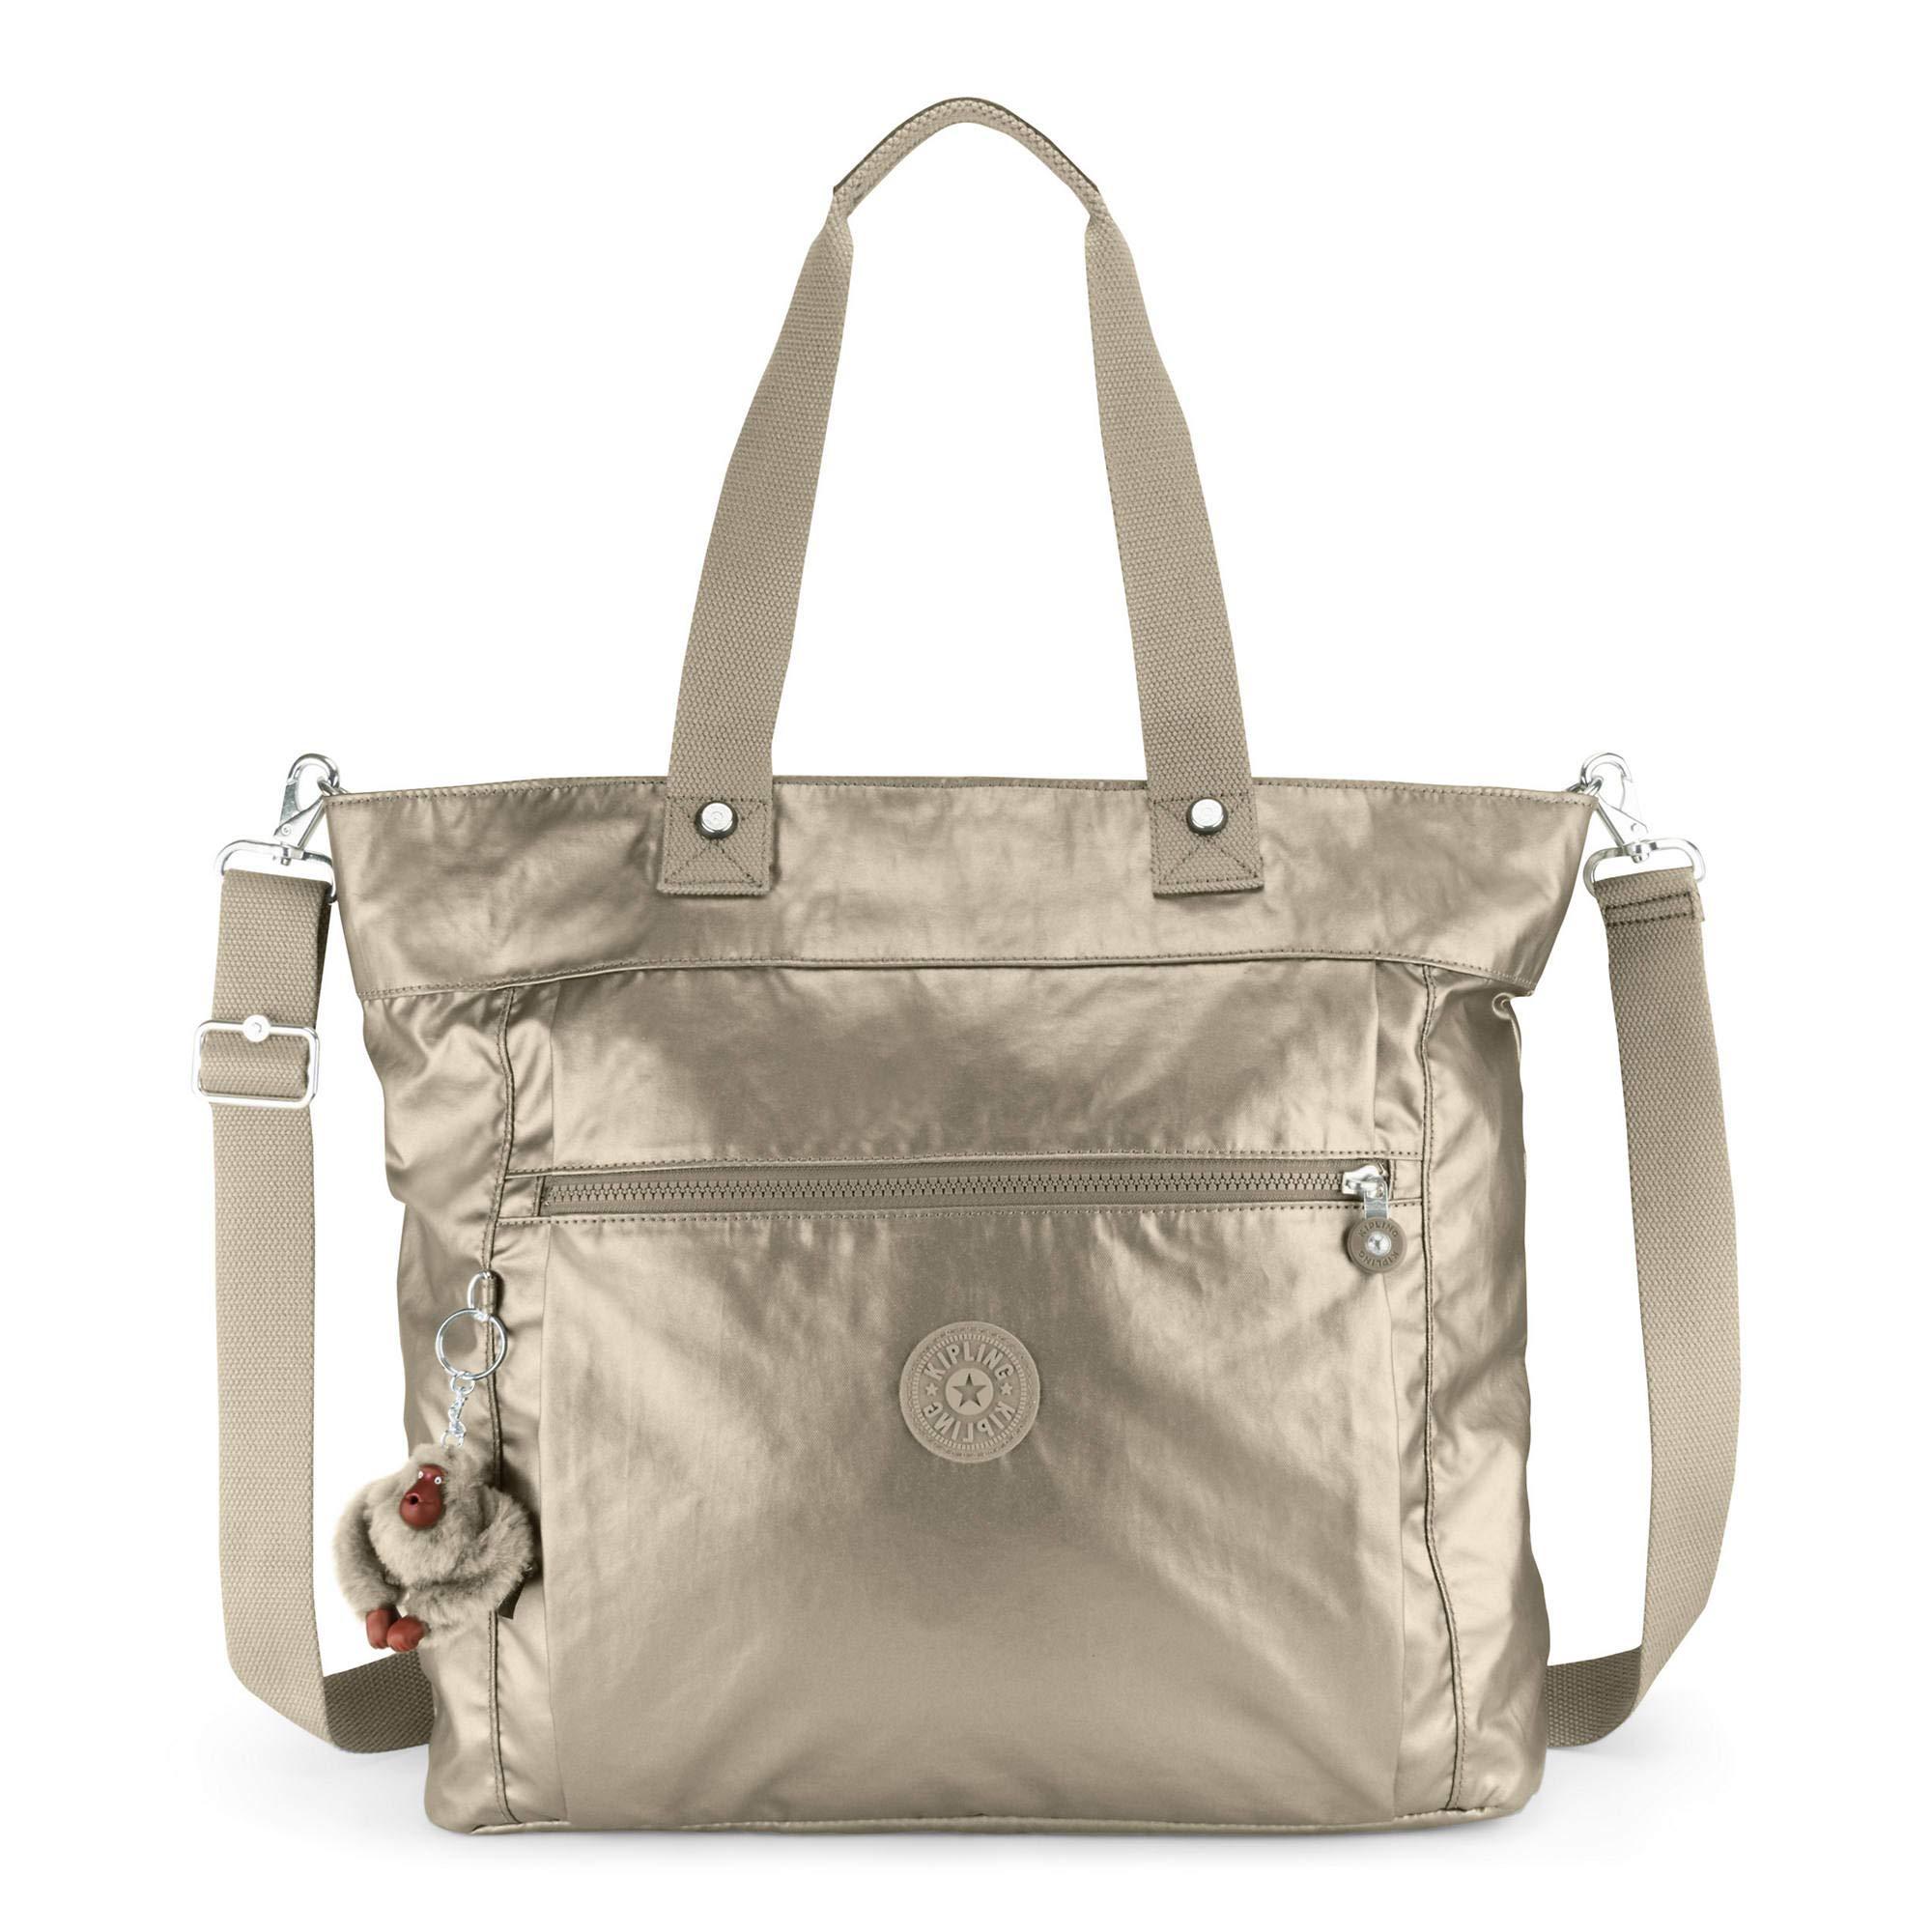 Kipling Lizzie Laptop Tote Bag, Metallic Pewter, Metallic Pewter